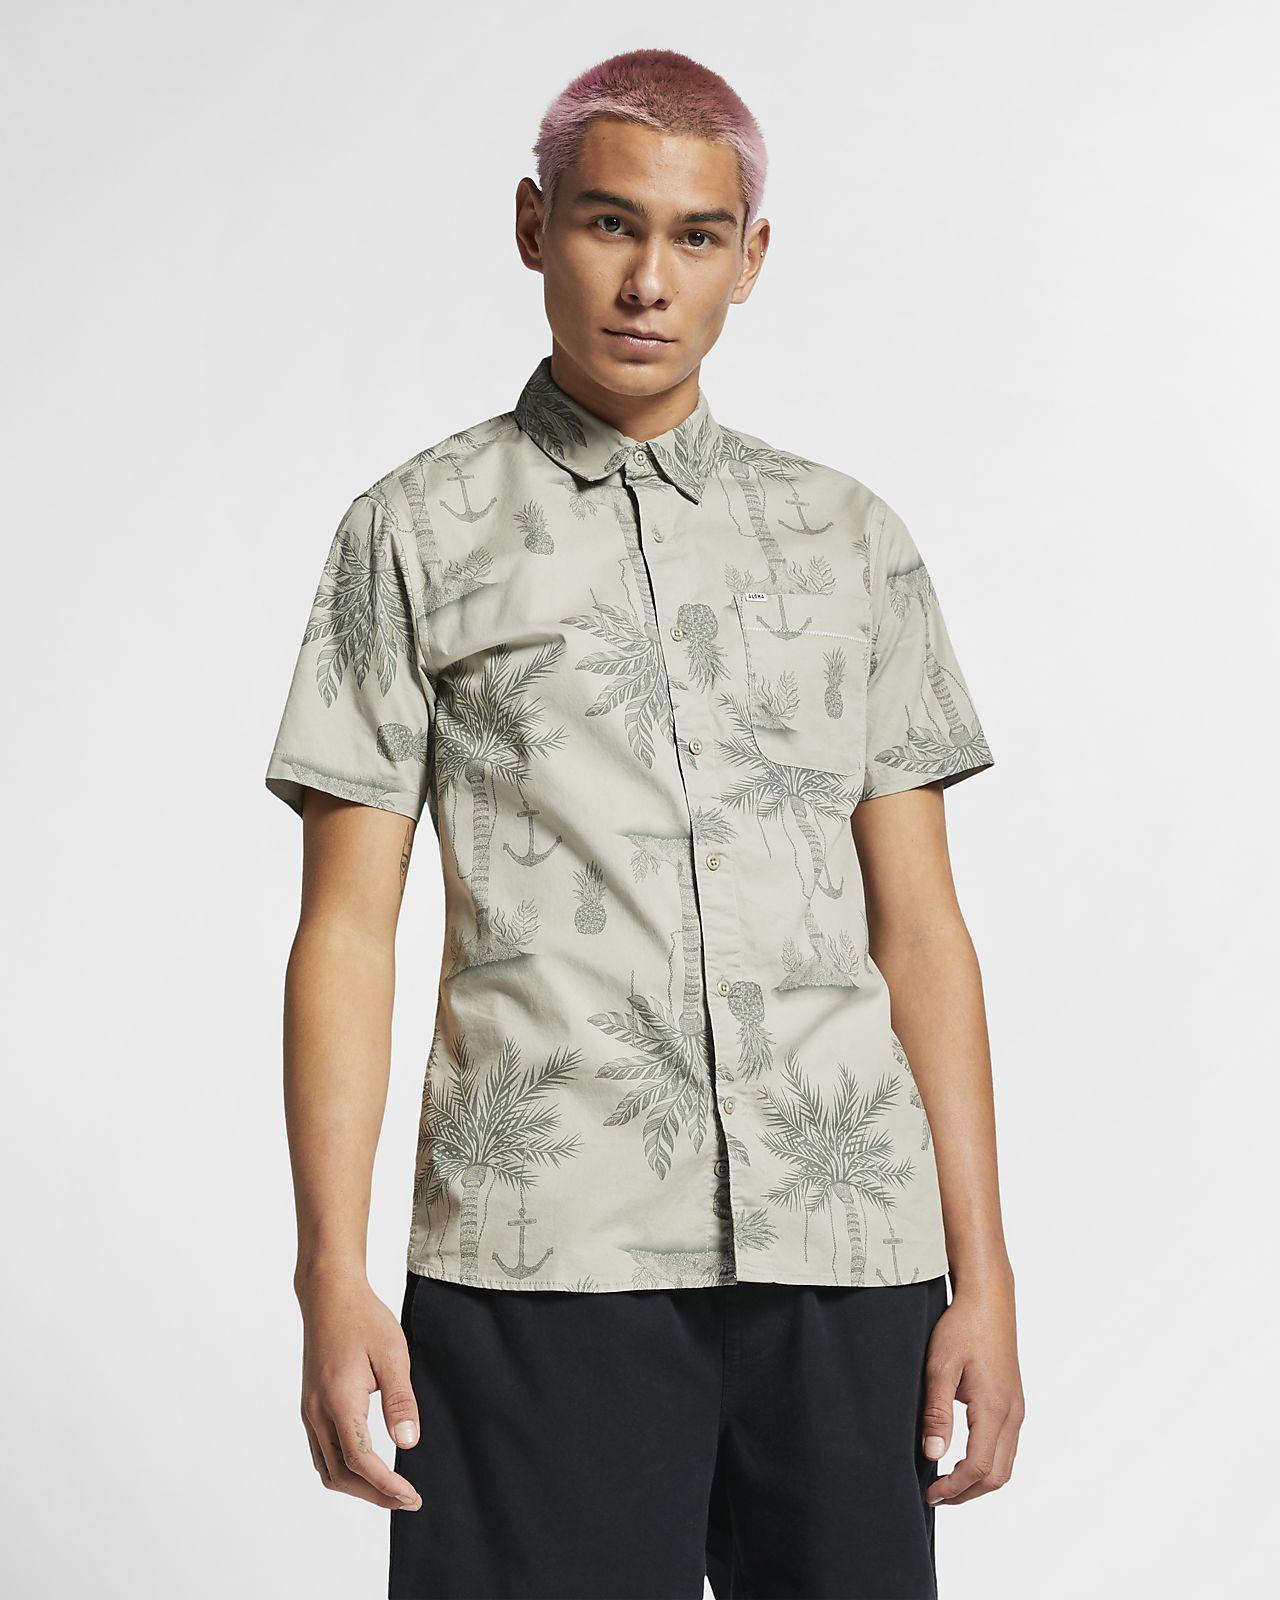 9394a880e Мужская рубашка с коротким рукавом Hurley Asylum Stretch. Nike.com RU